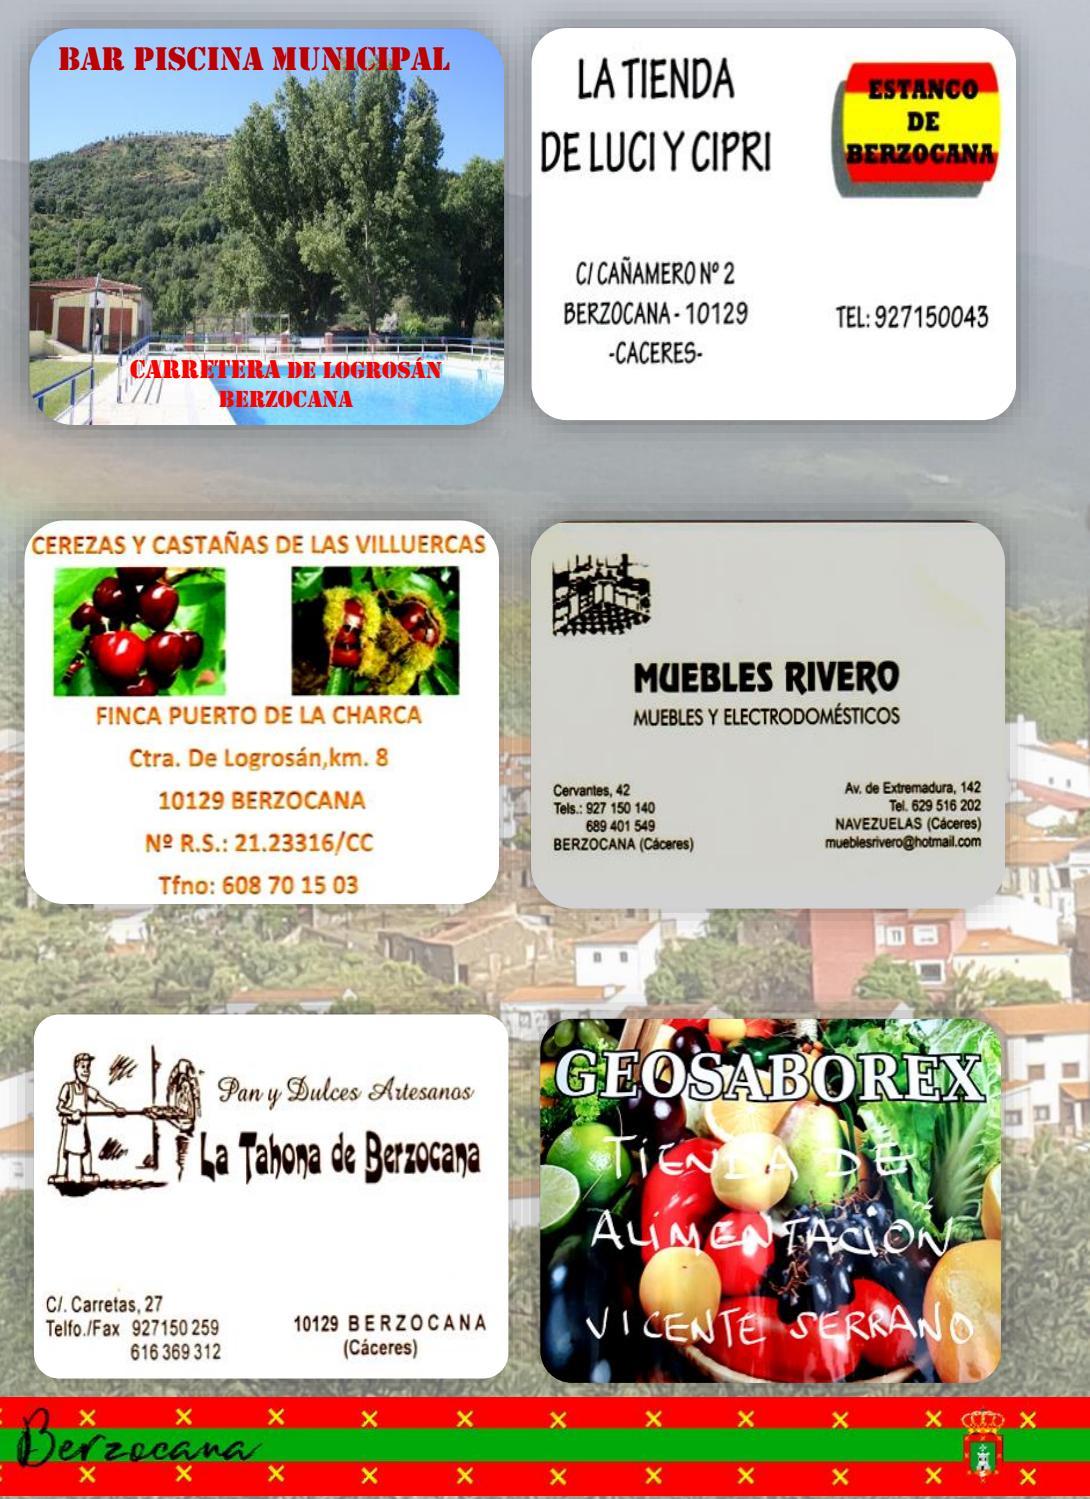 Programa de fiestas en honor a San Fulgencio y Santa Florentina 2018 - Berzocana 13